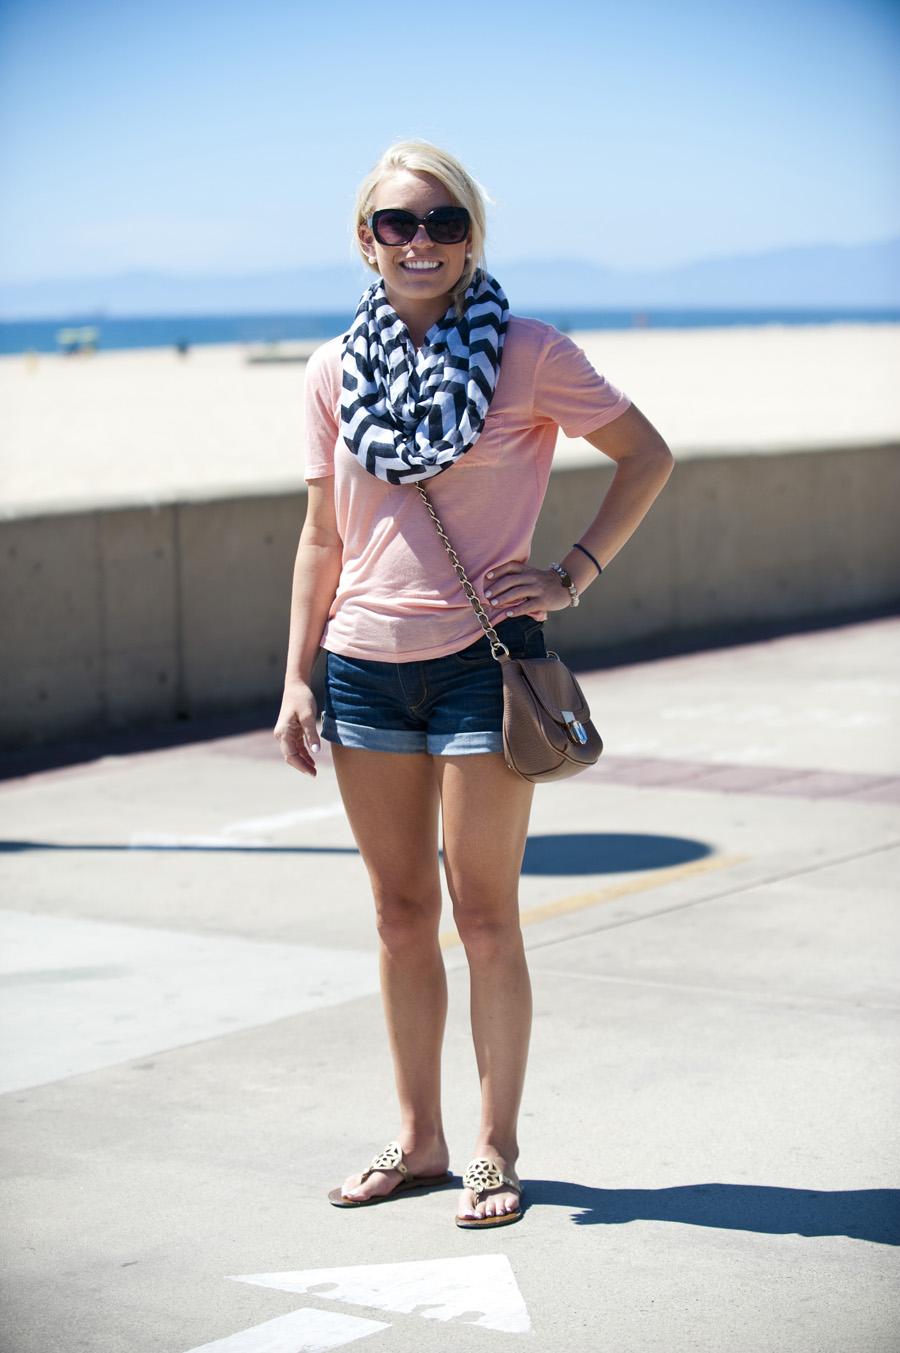 Strand girl